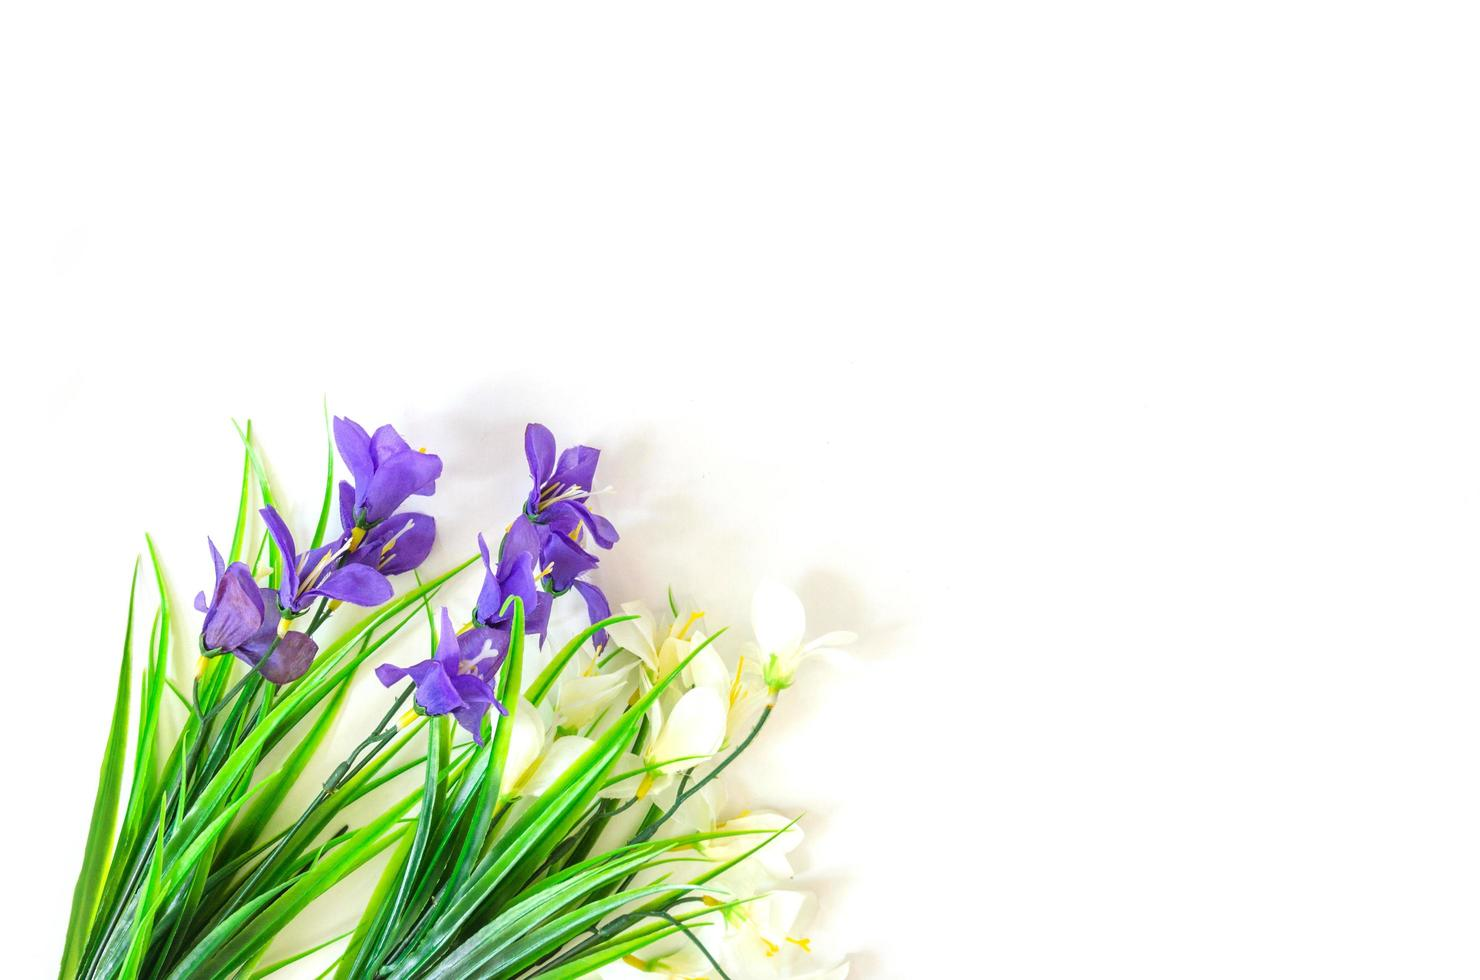 fiori artificiali sfondo bianco foto